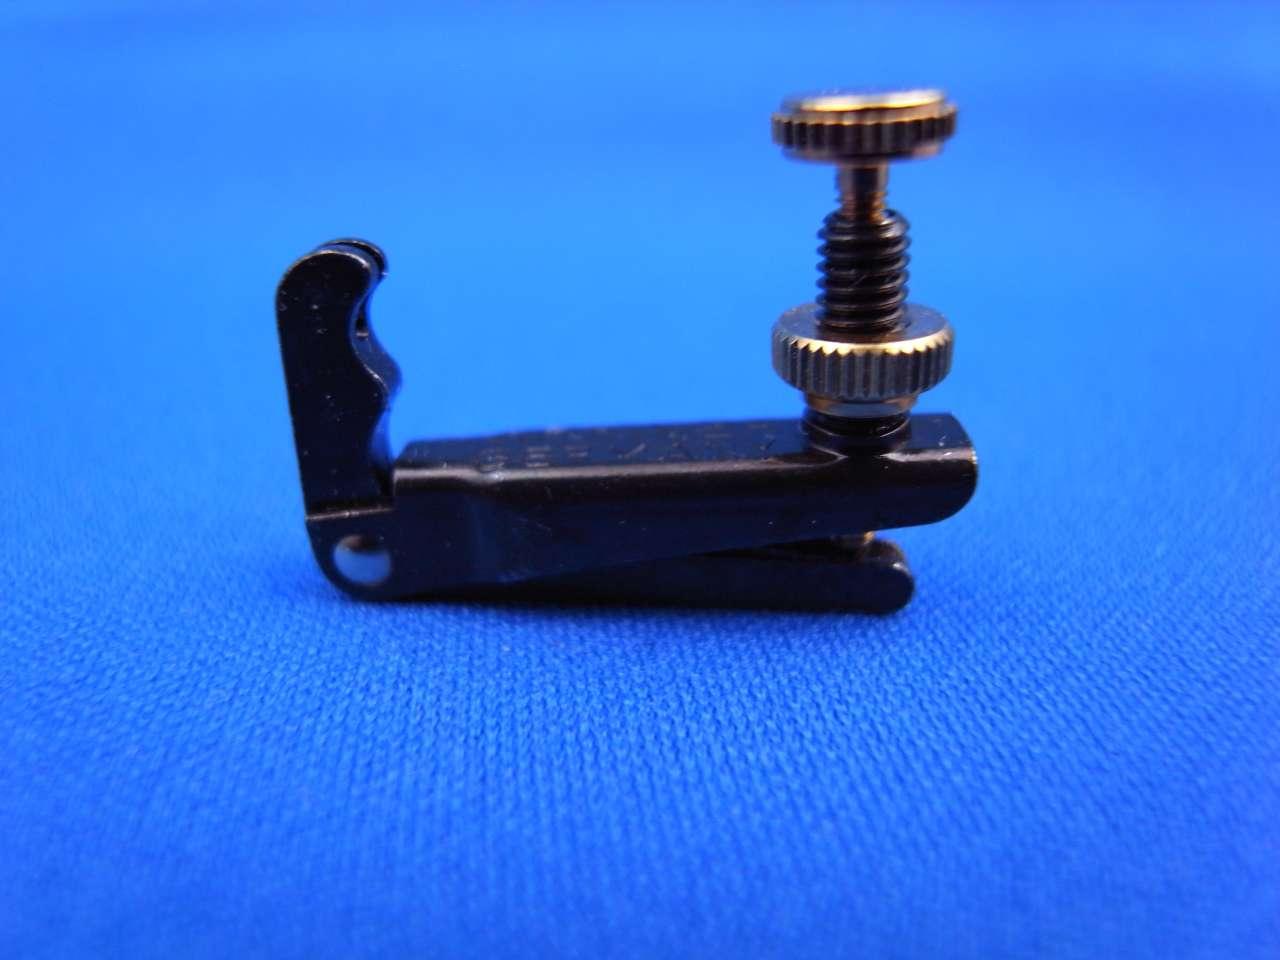 画像1: ウィットナーWittner製ビオラアジャスターViola String adjusters,Wittner